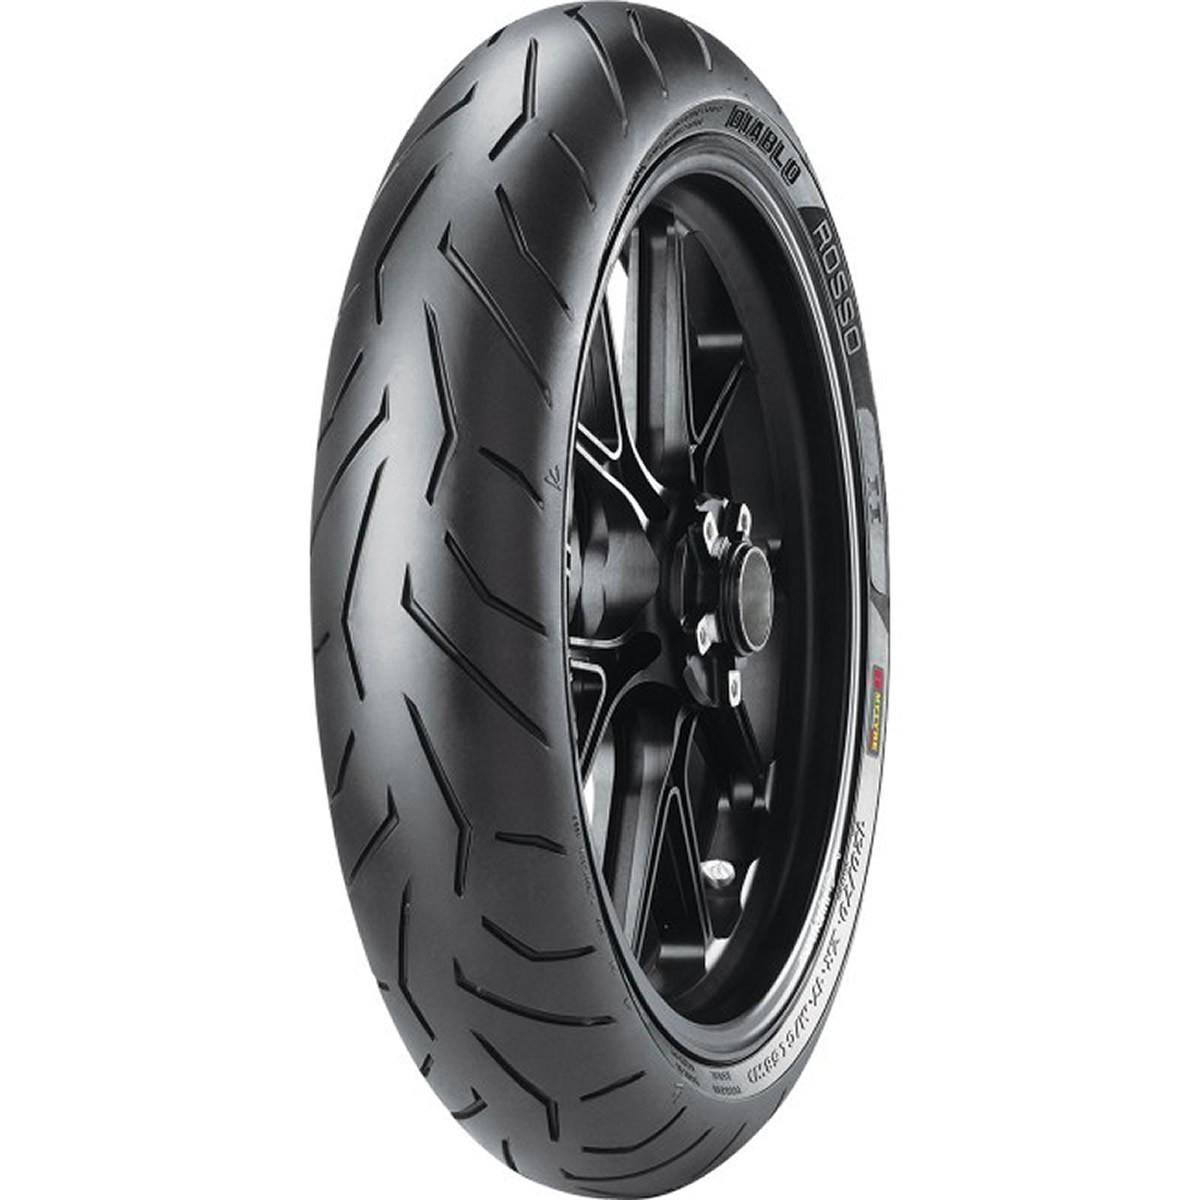 Pneu de Moto Pirelli Aro 17 Diablo Rosso II 120/70R17 58W TL - Dianteiro